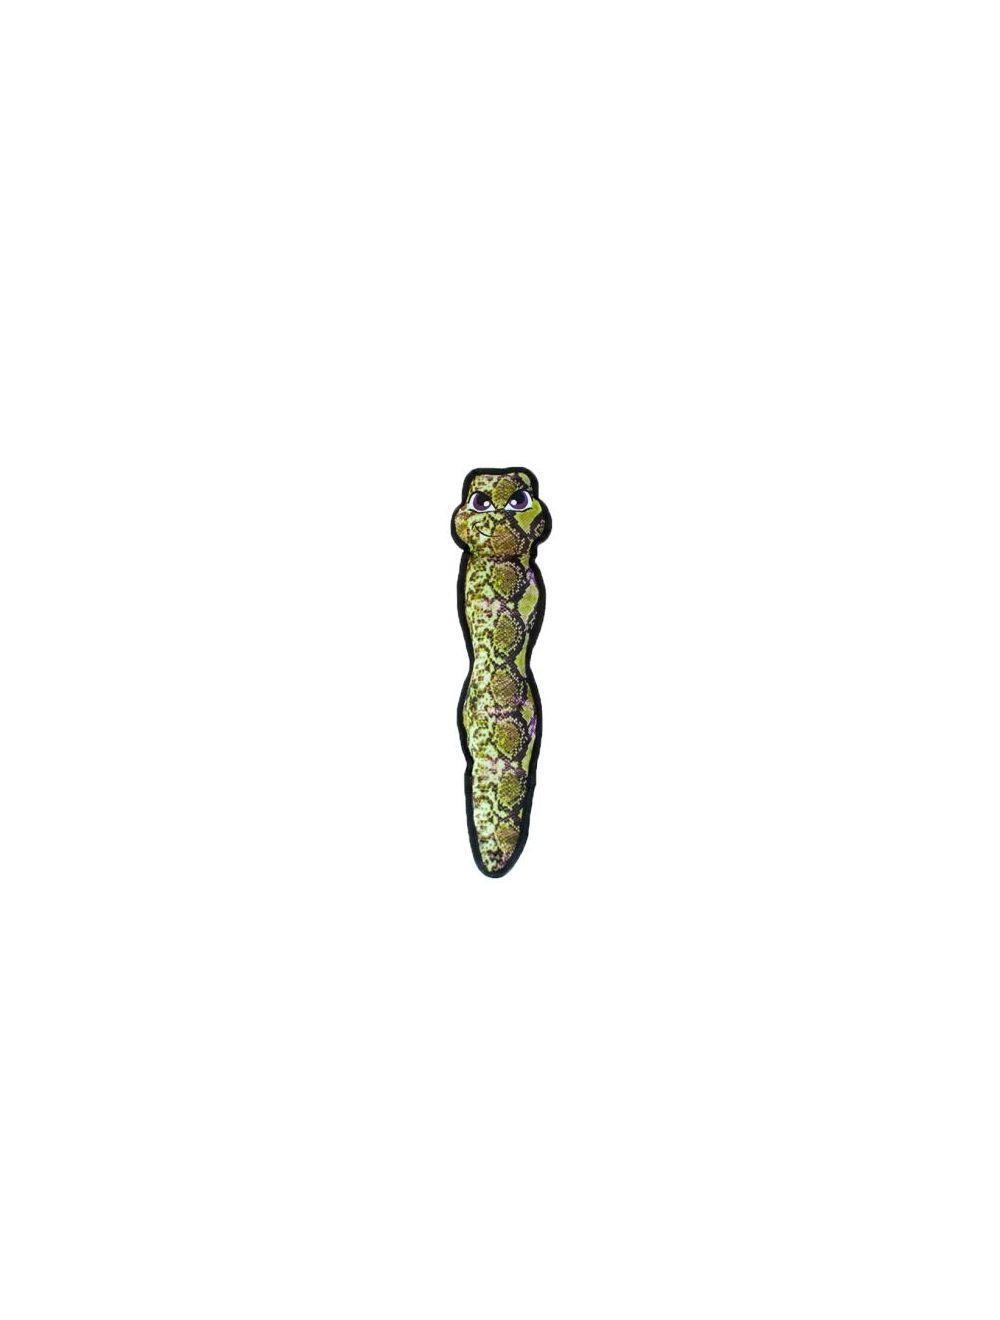 Outward hound peluche invincible serpiente camuflada - Ciudaddemascotas.com